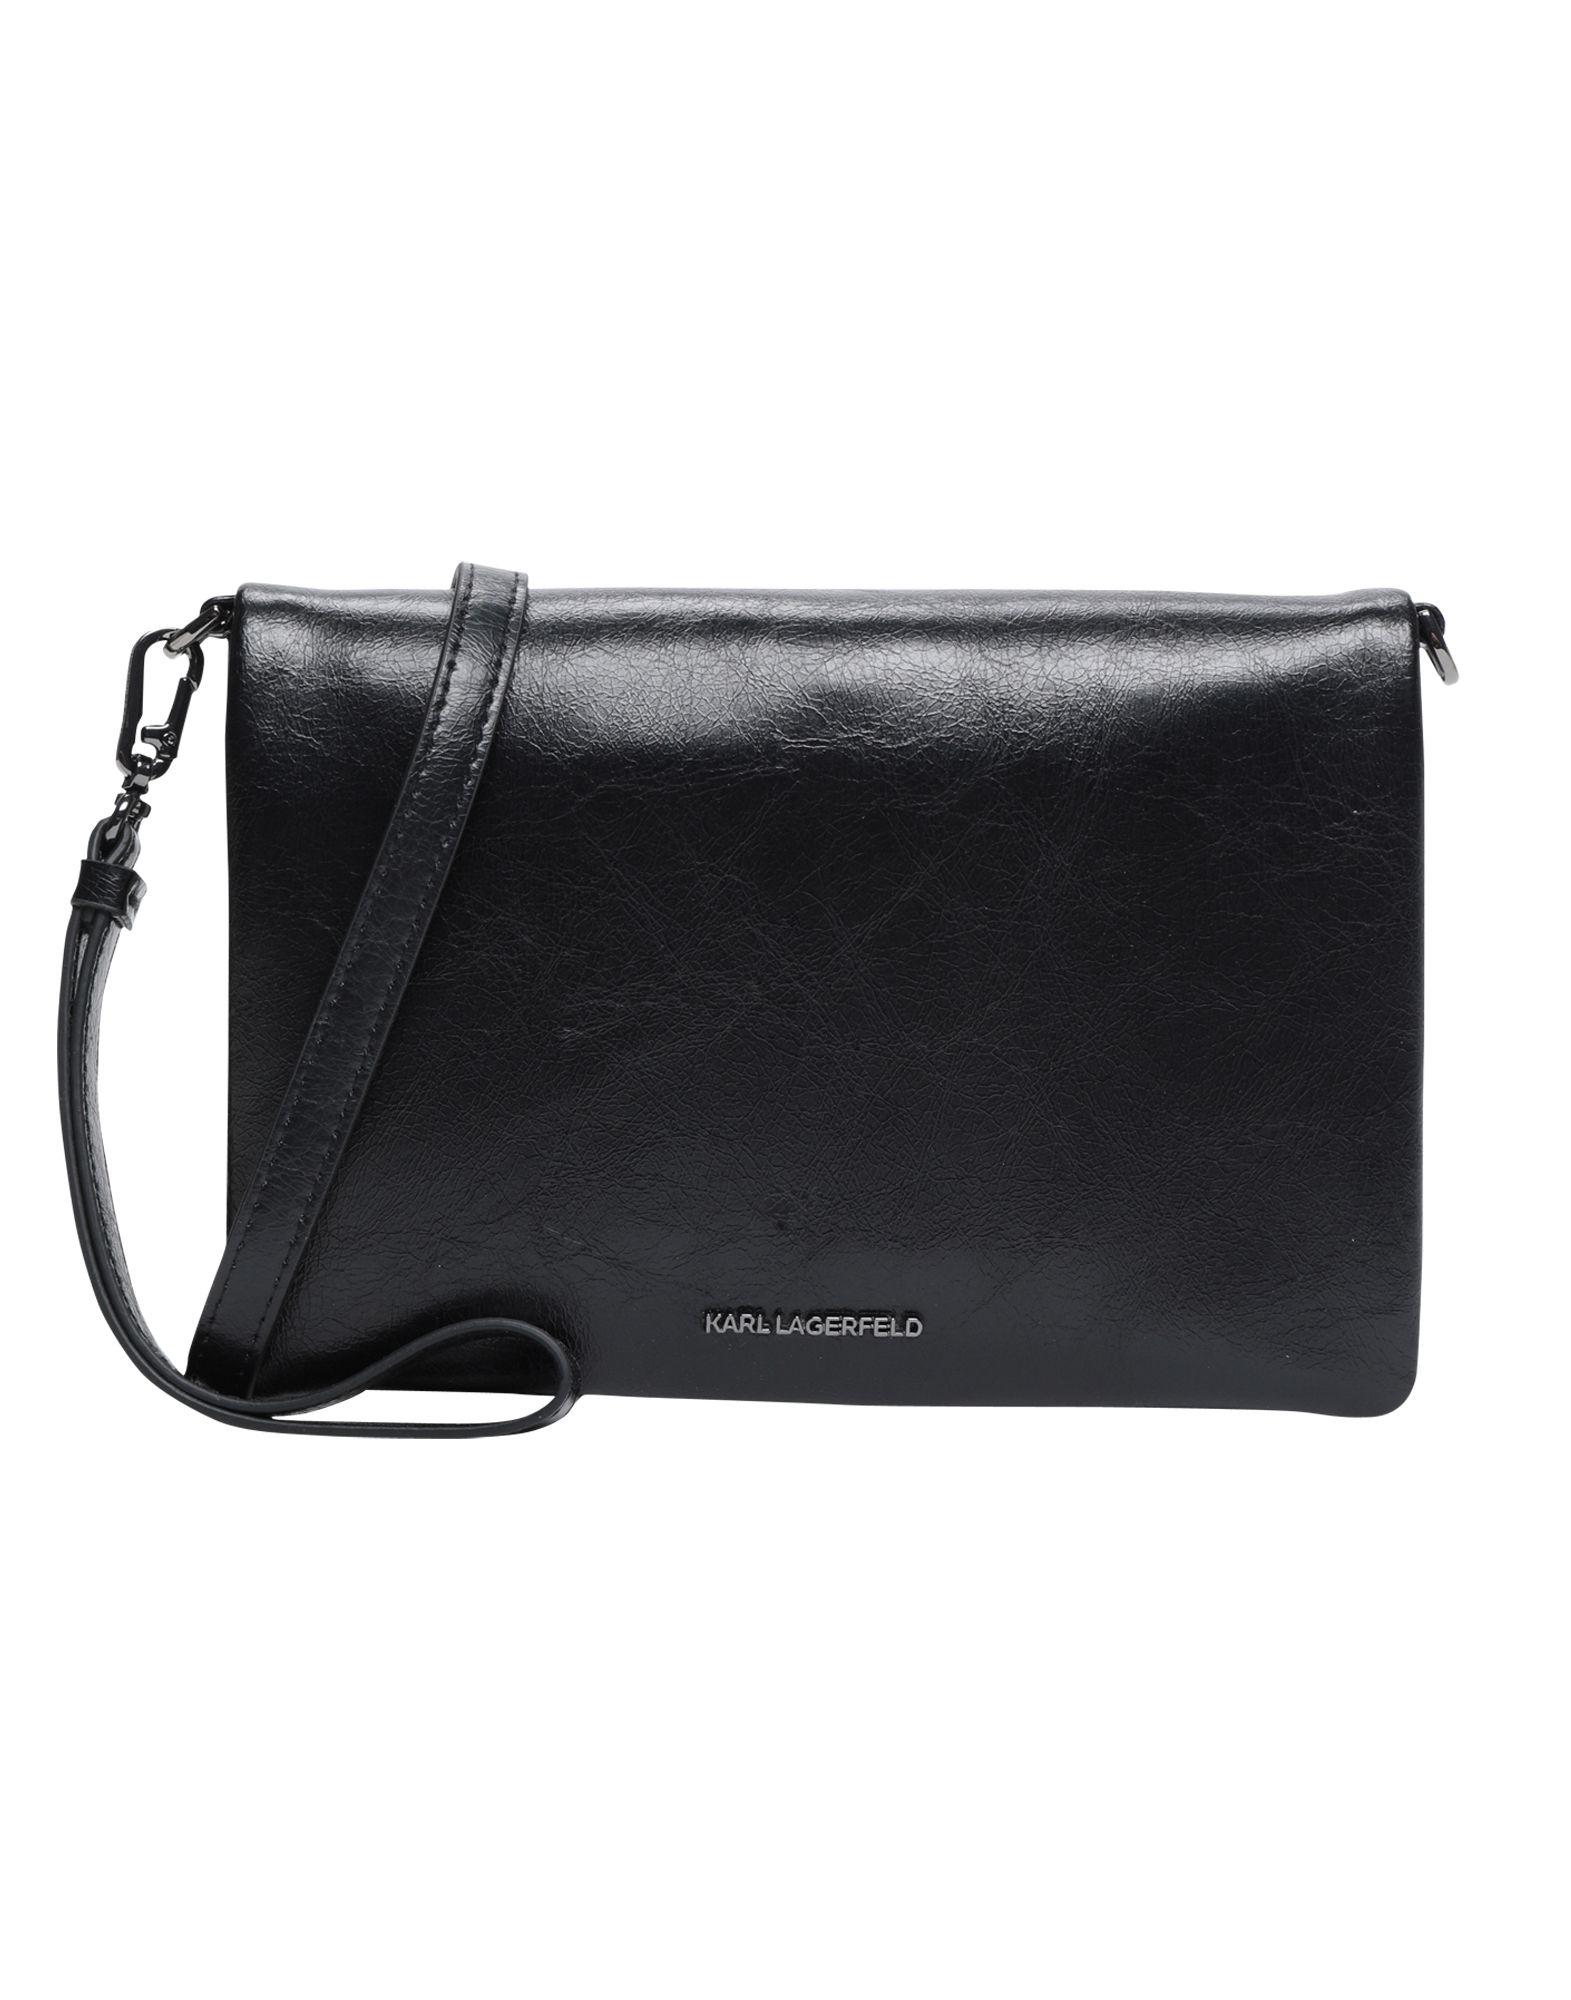 KARL LAGERFELD Shoulder bags - Item 45510973